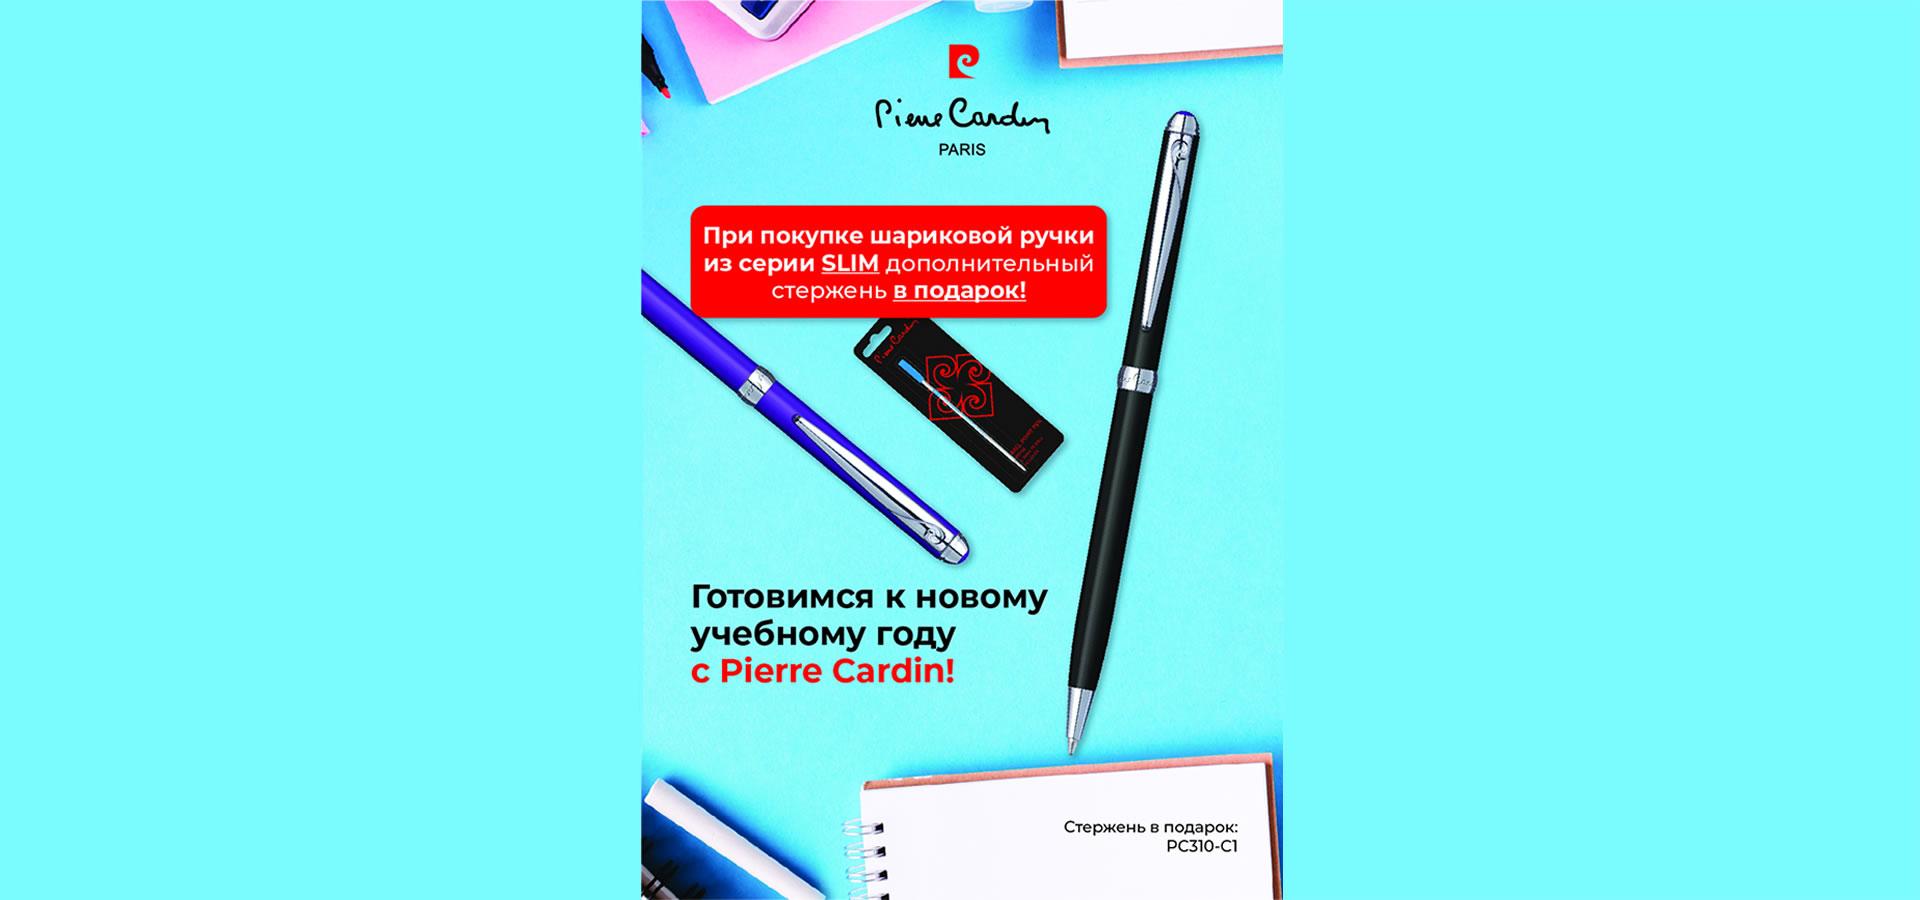 1001 Ручка.ру - интернет-магазин элитных ручек с доставкой по России